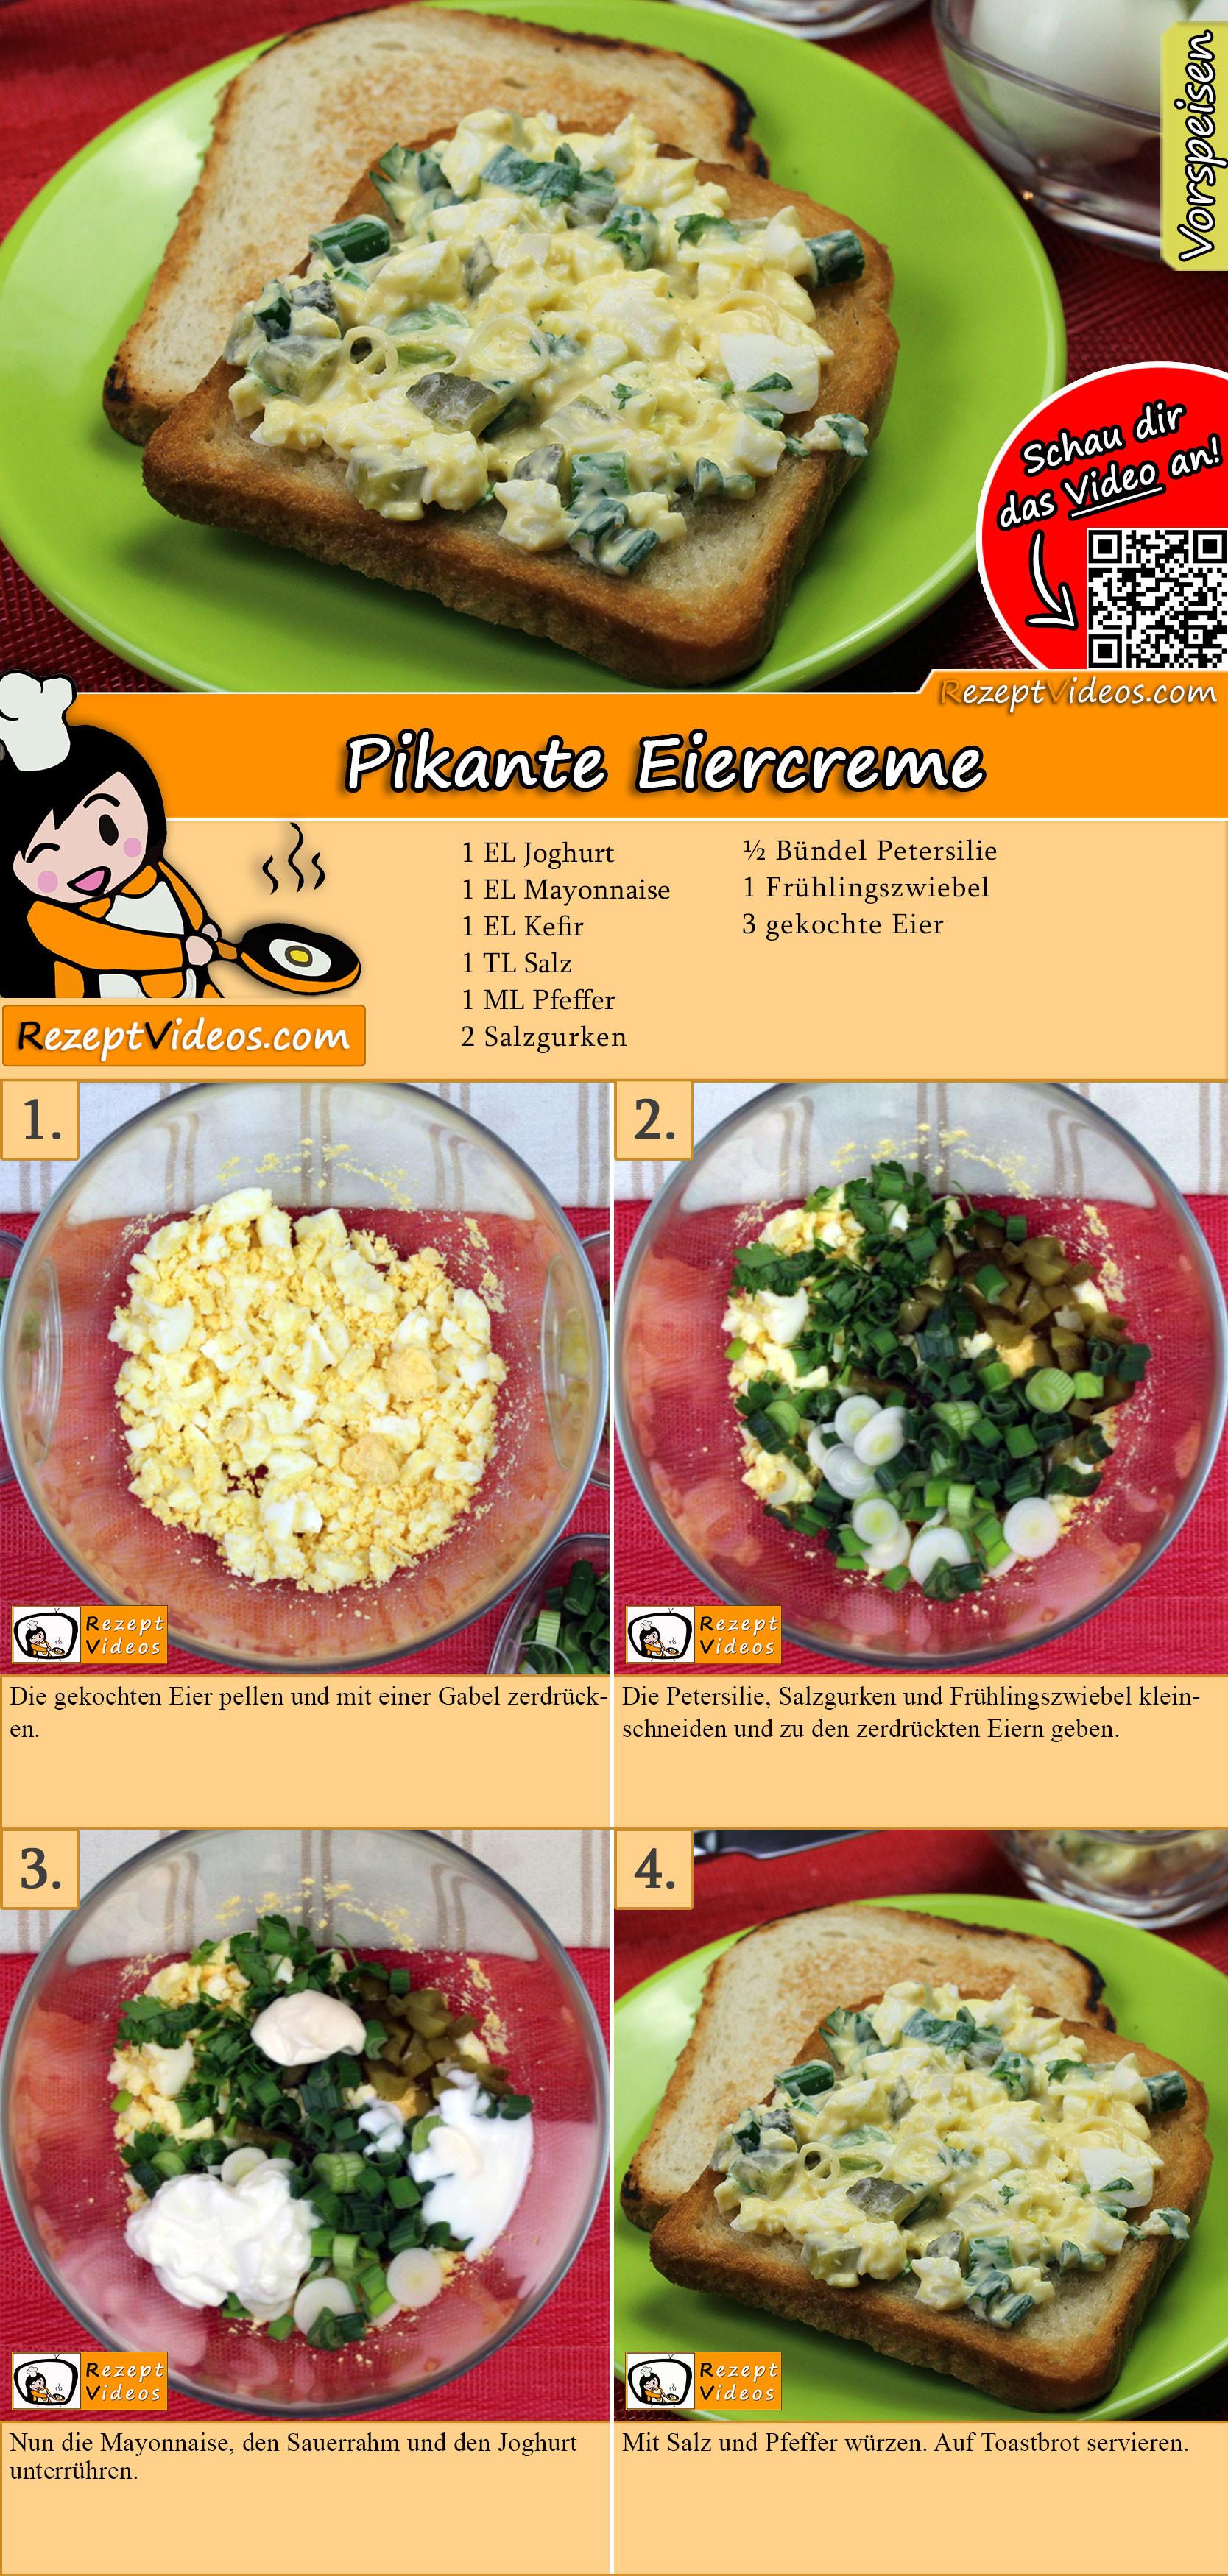 Pikante Eiercreme Rezept mit Video